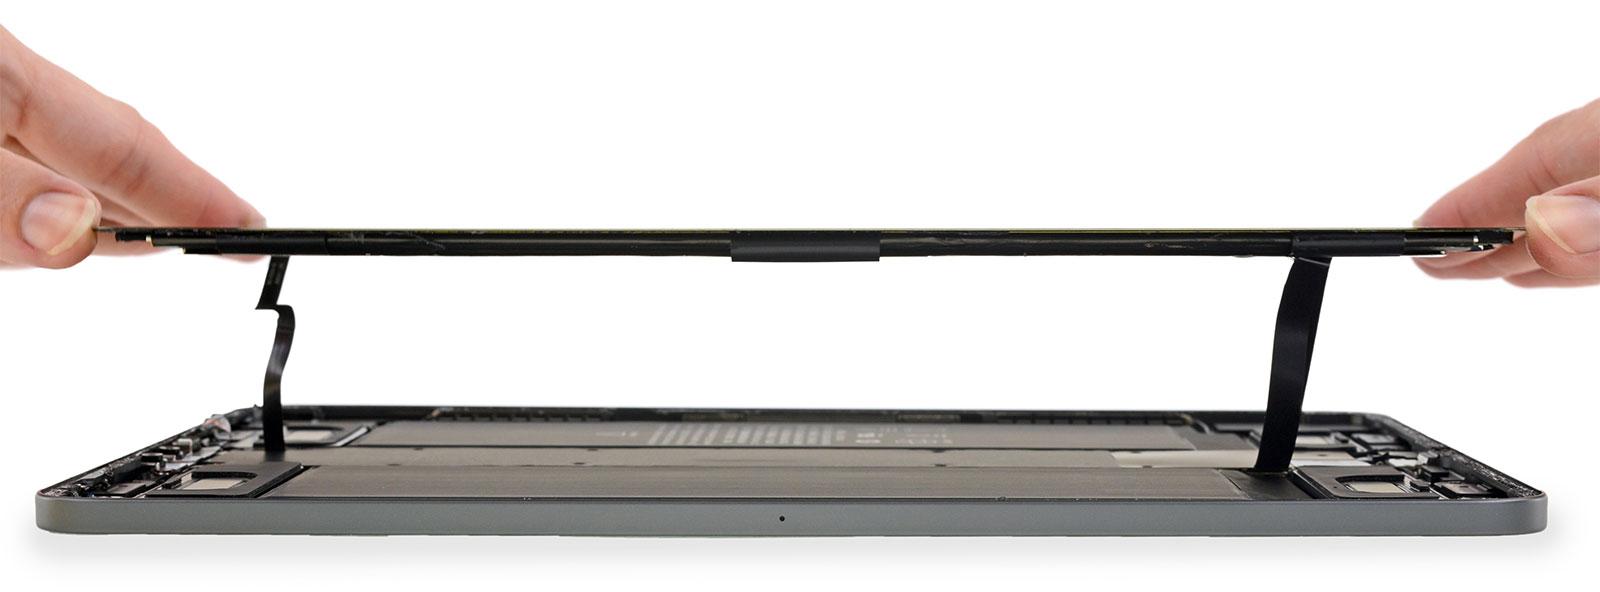 iPad Pro todo pantalla por dentro